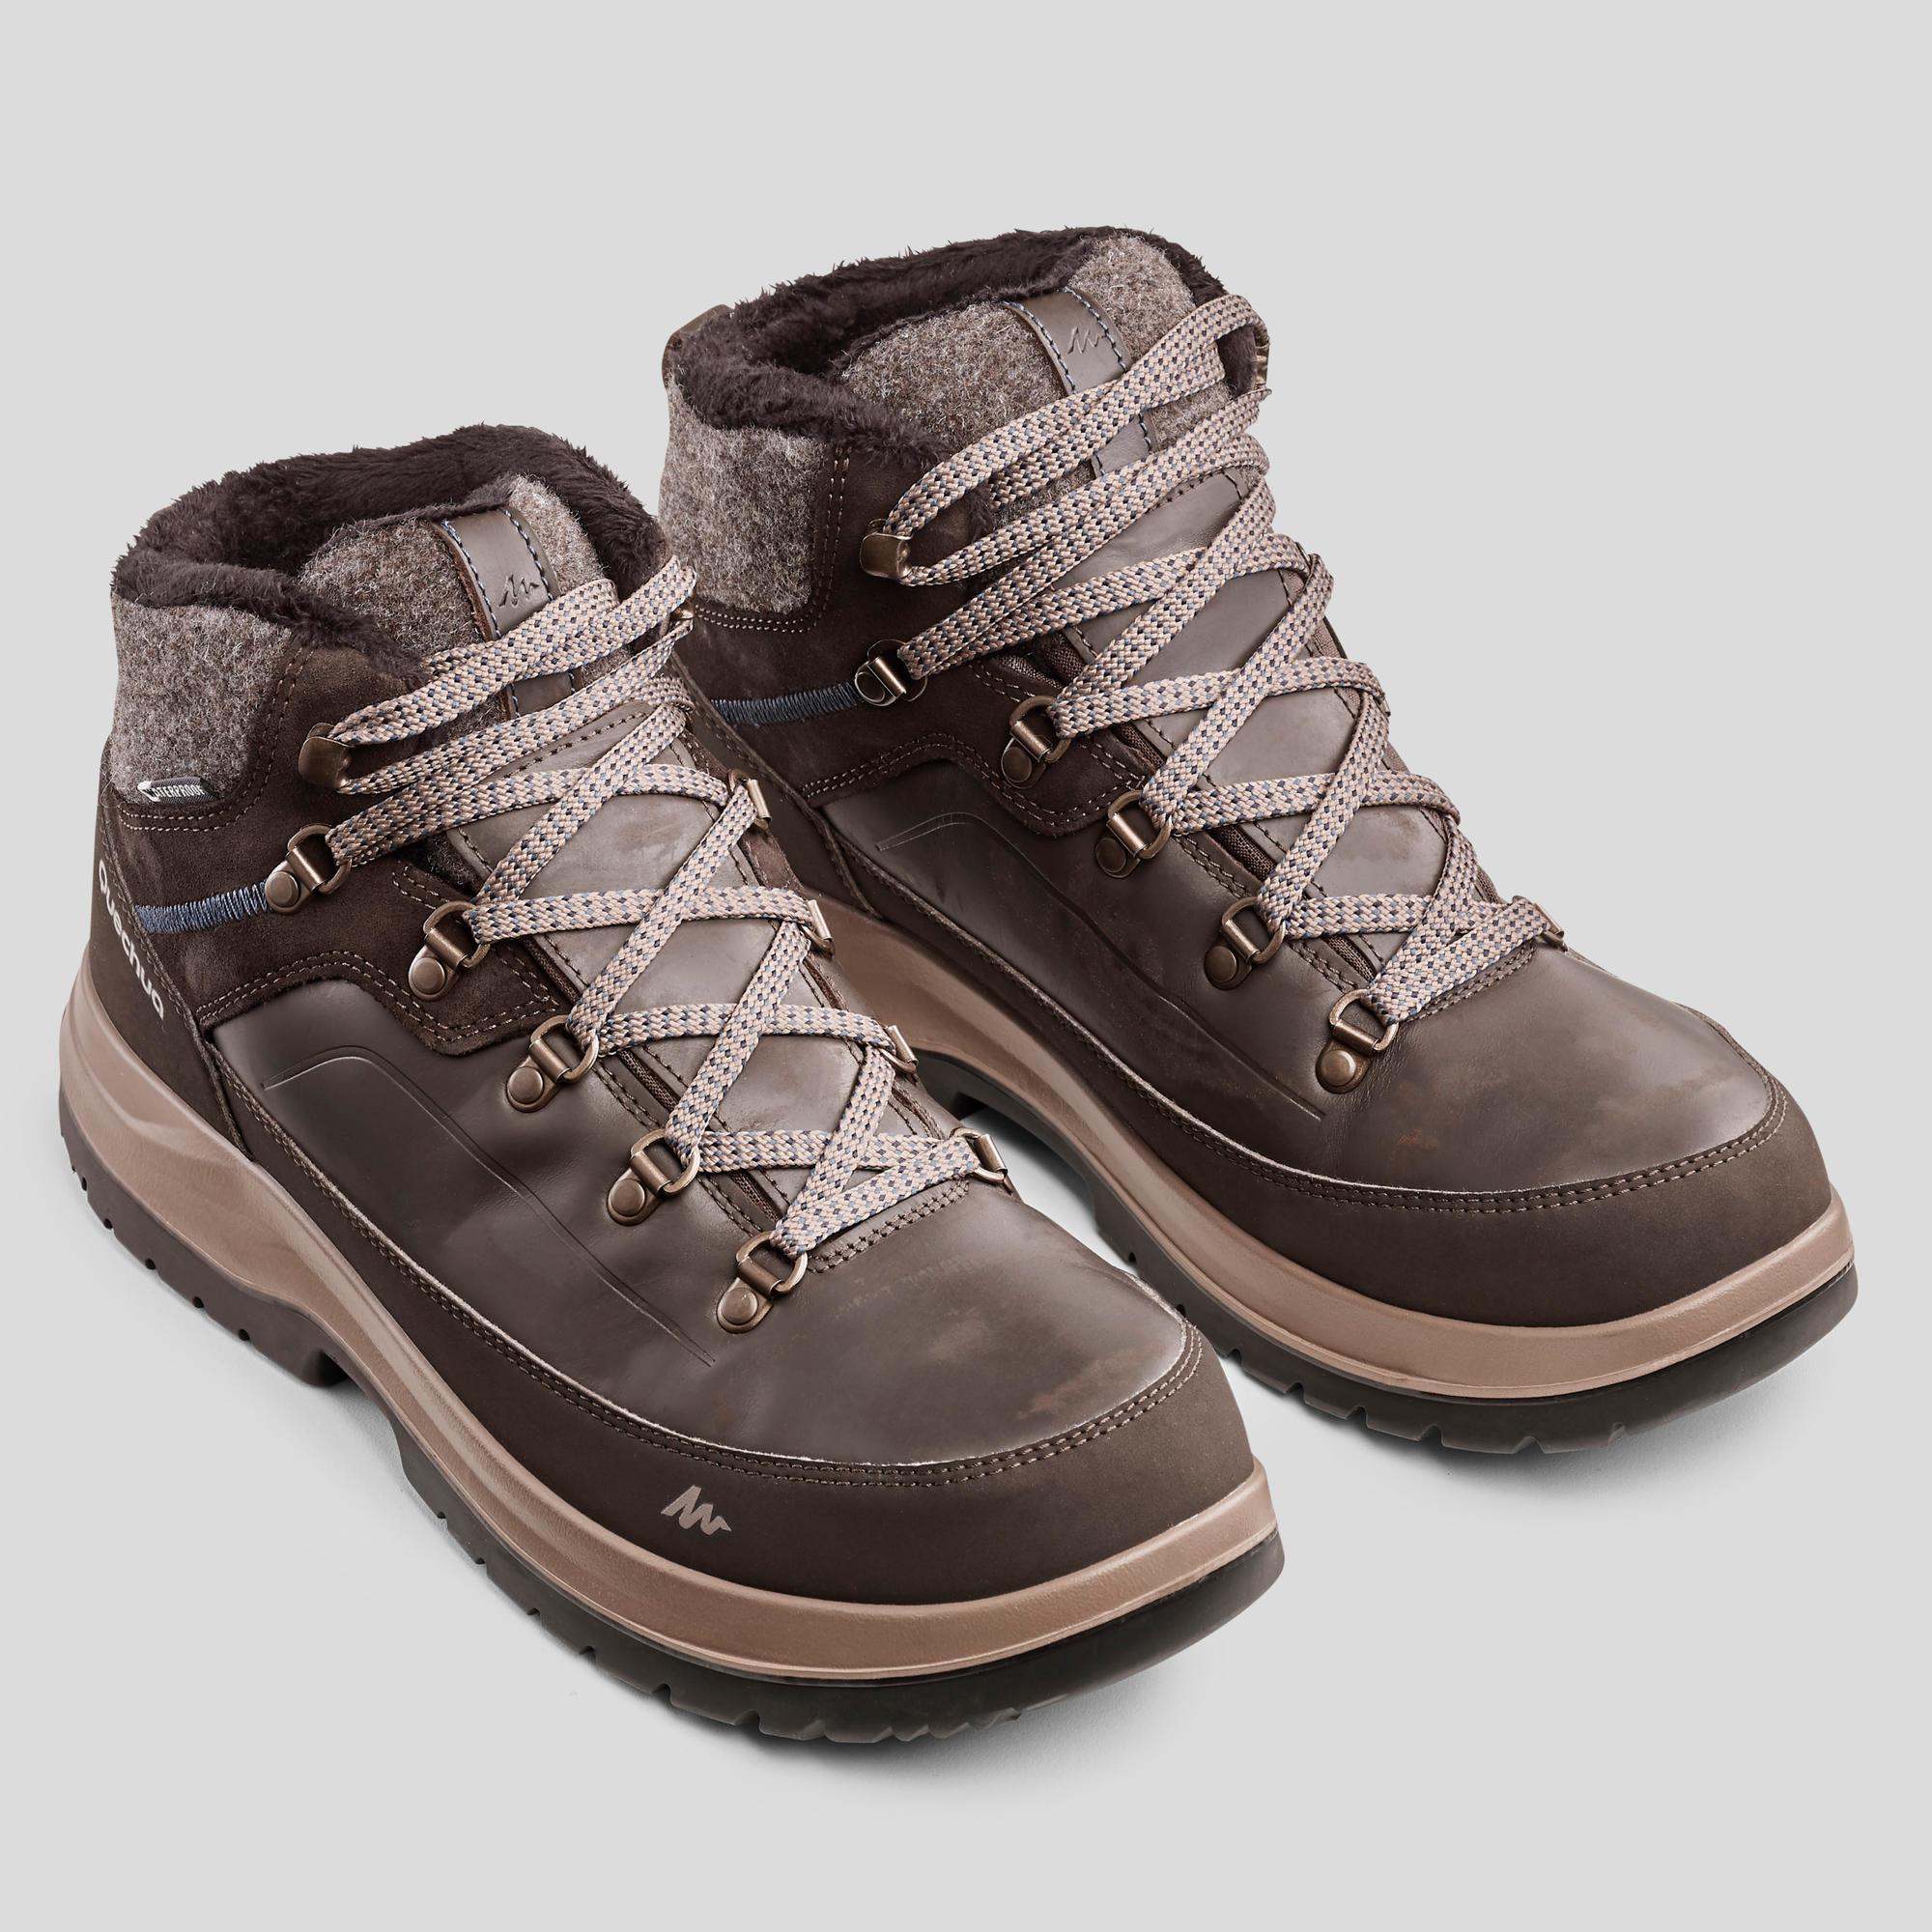 Men's snow hiking boots x-warm mid